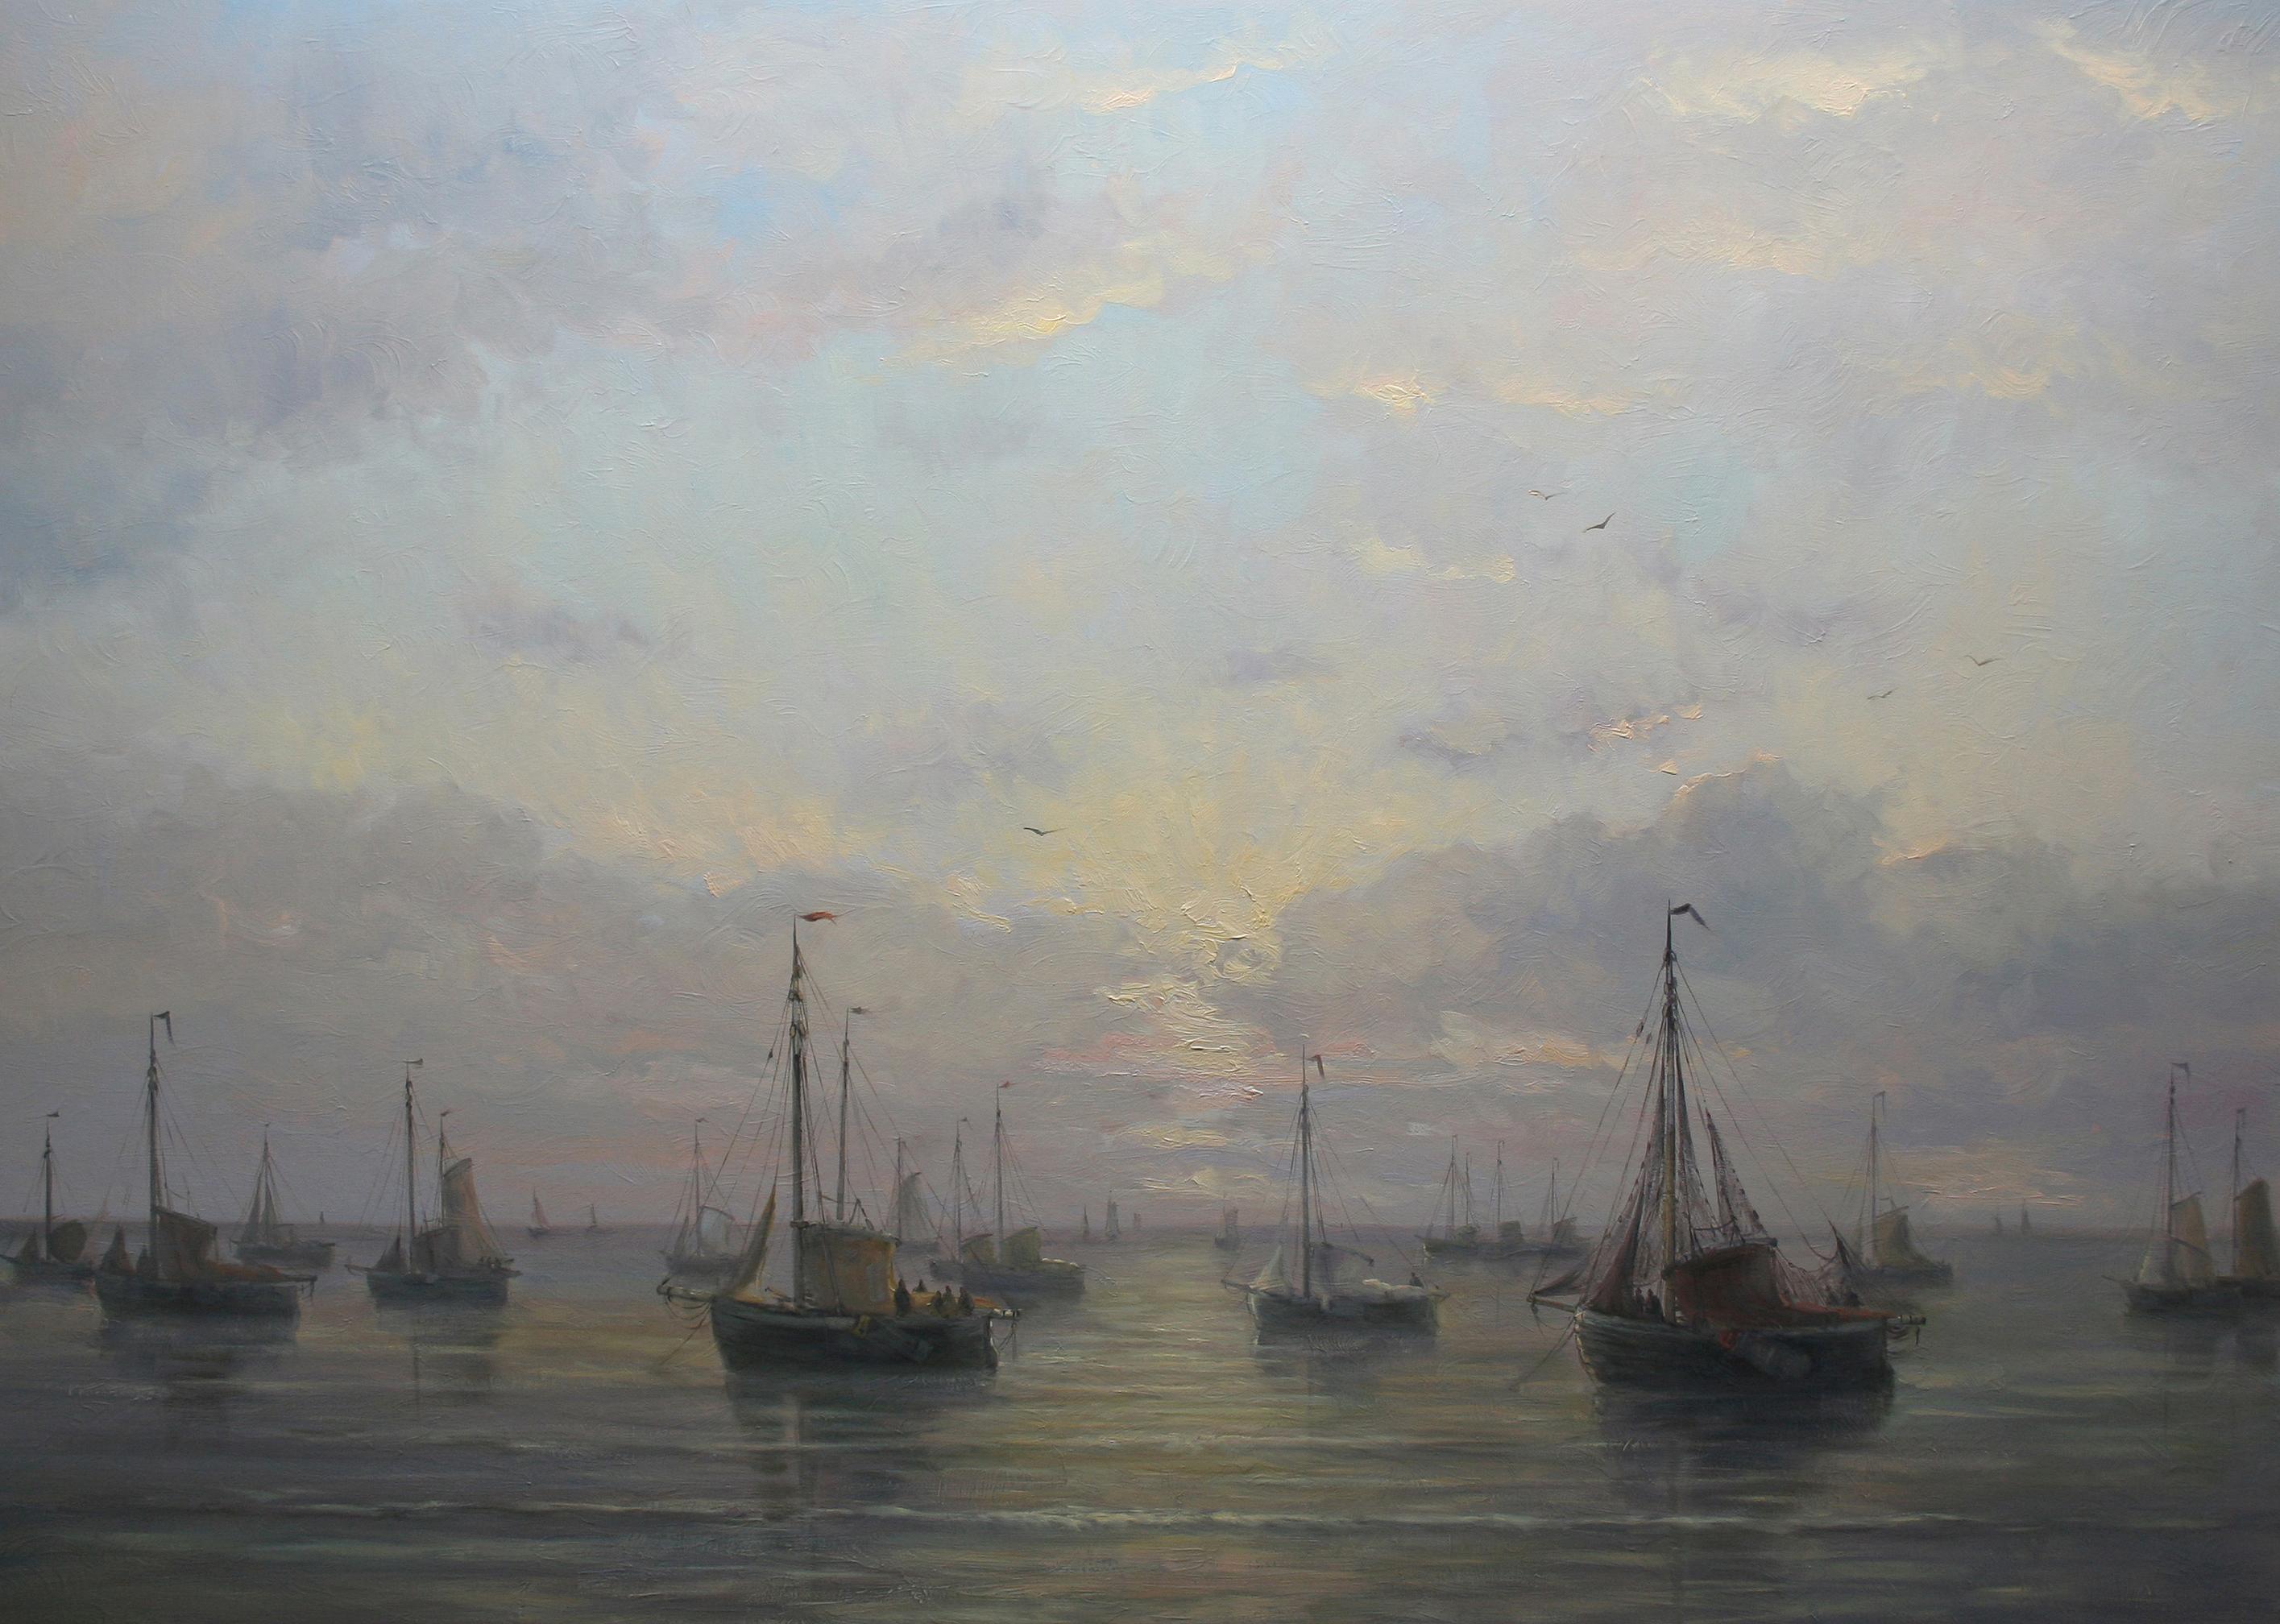 Schilderij Simon Balyon naar Mesdag 100x140 cm